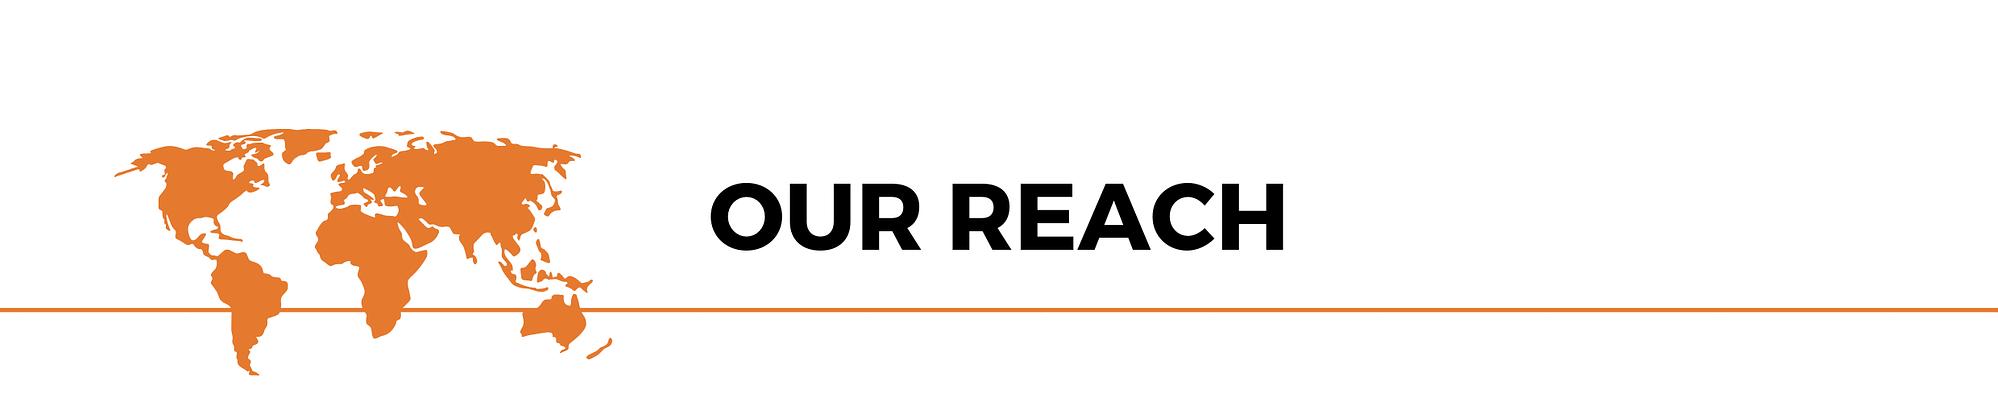 our reach reach at PhotoClaim